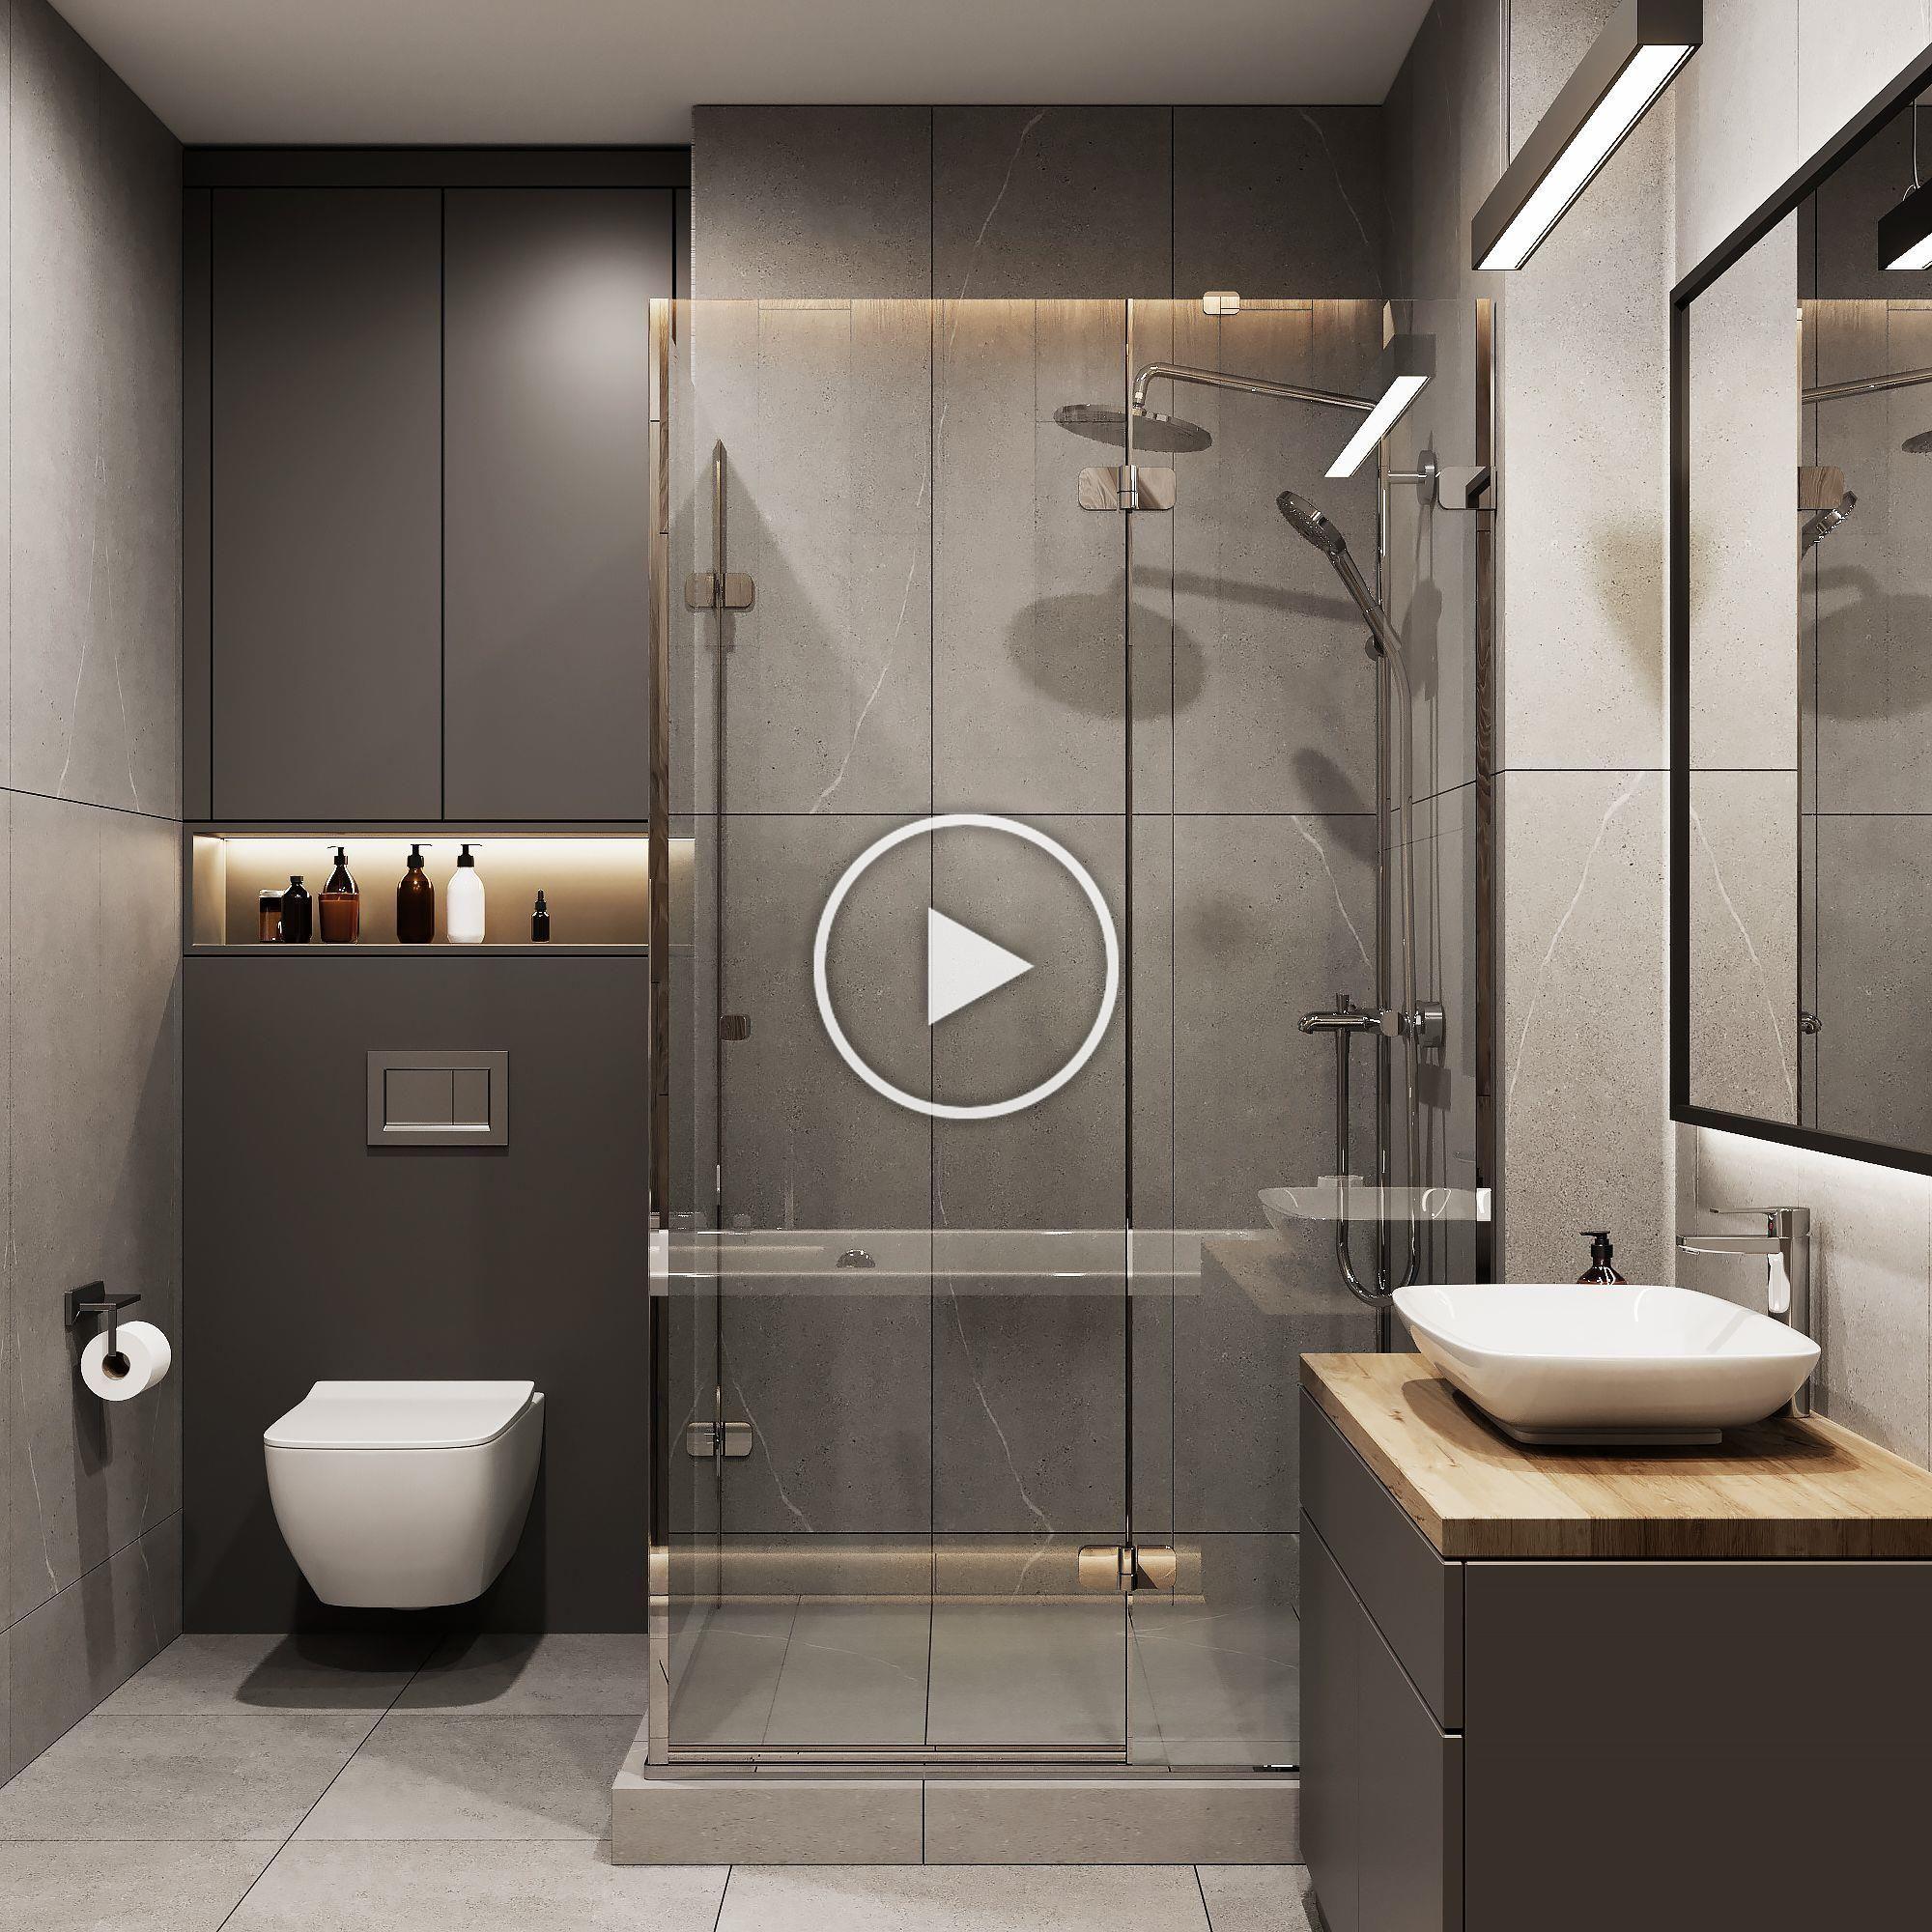 Pin By Caroline On Bathrooms Bathroom Interior Design Washroom Design Bathroom Design